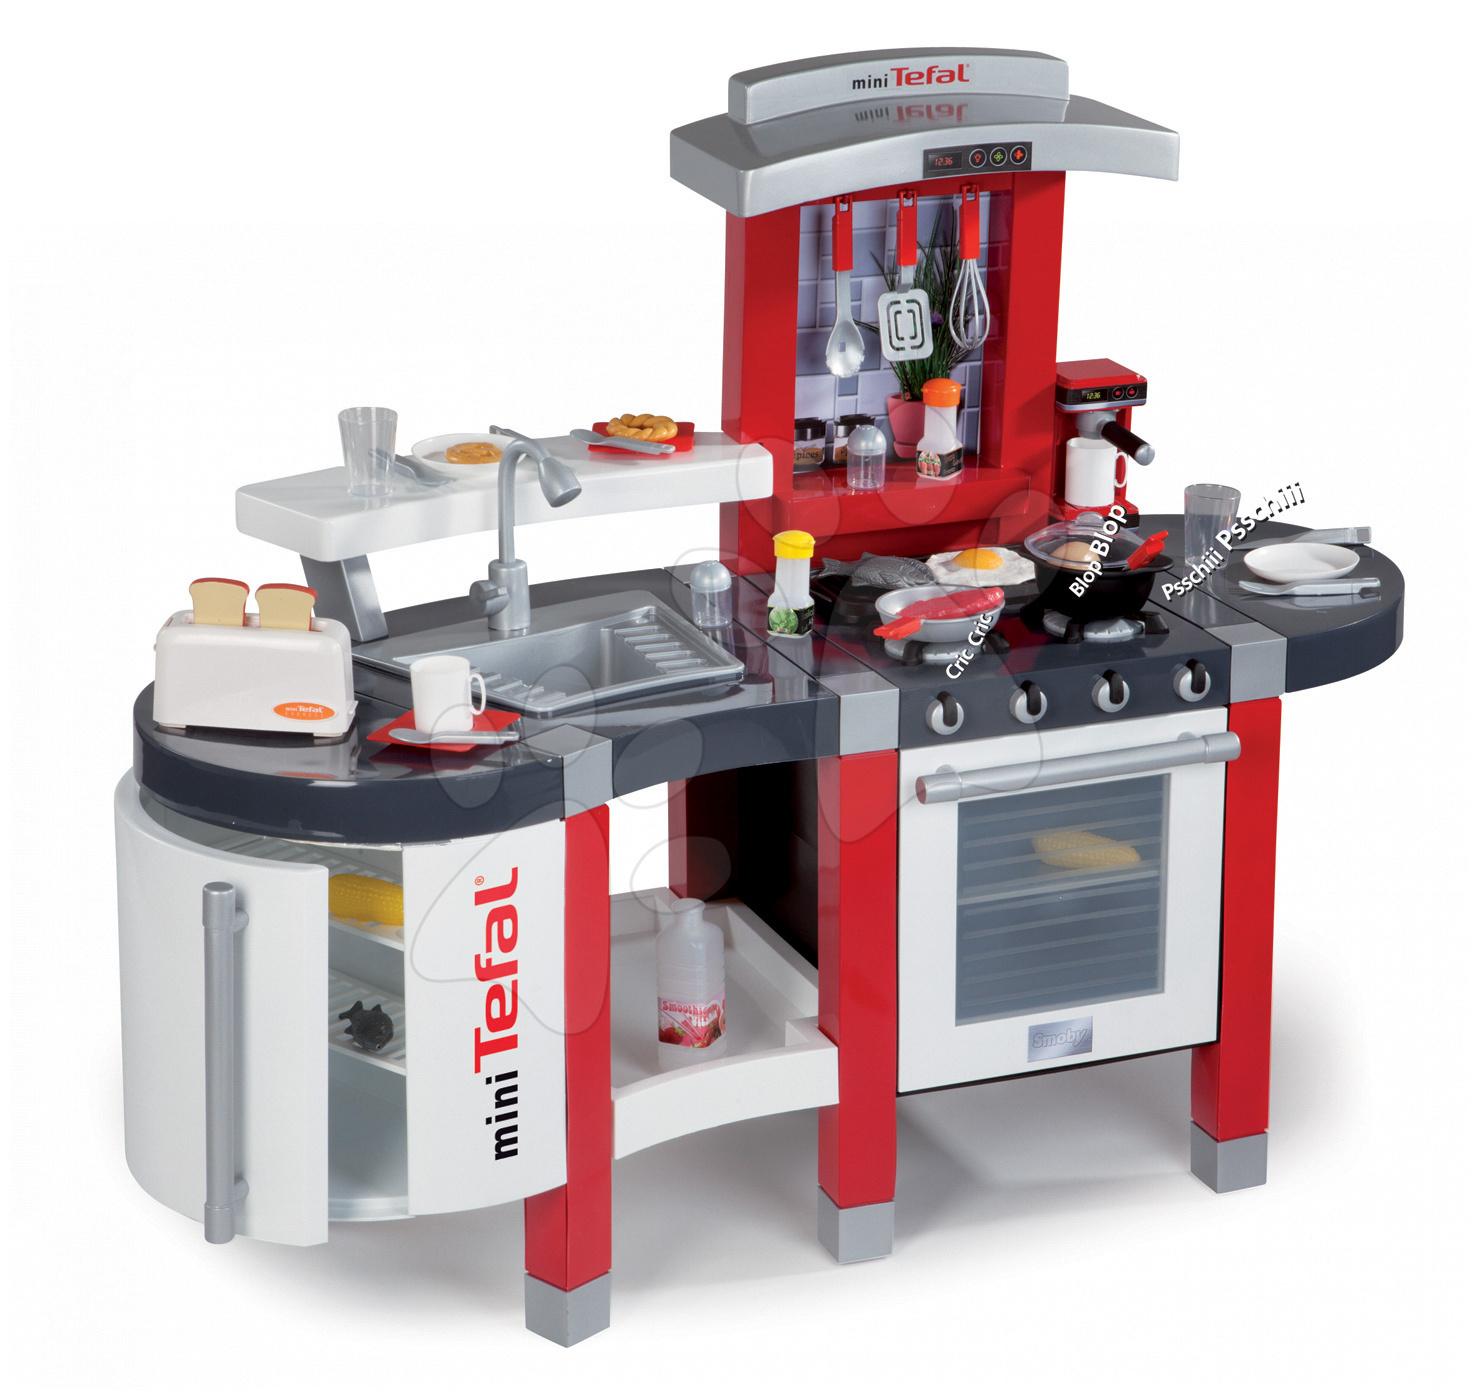 Kuchyňka Tefal SuperChef Smoby elektronická se zvuky, s jídelním pultem a 37 doplňky (toaster)